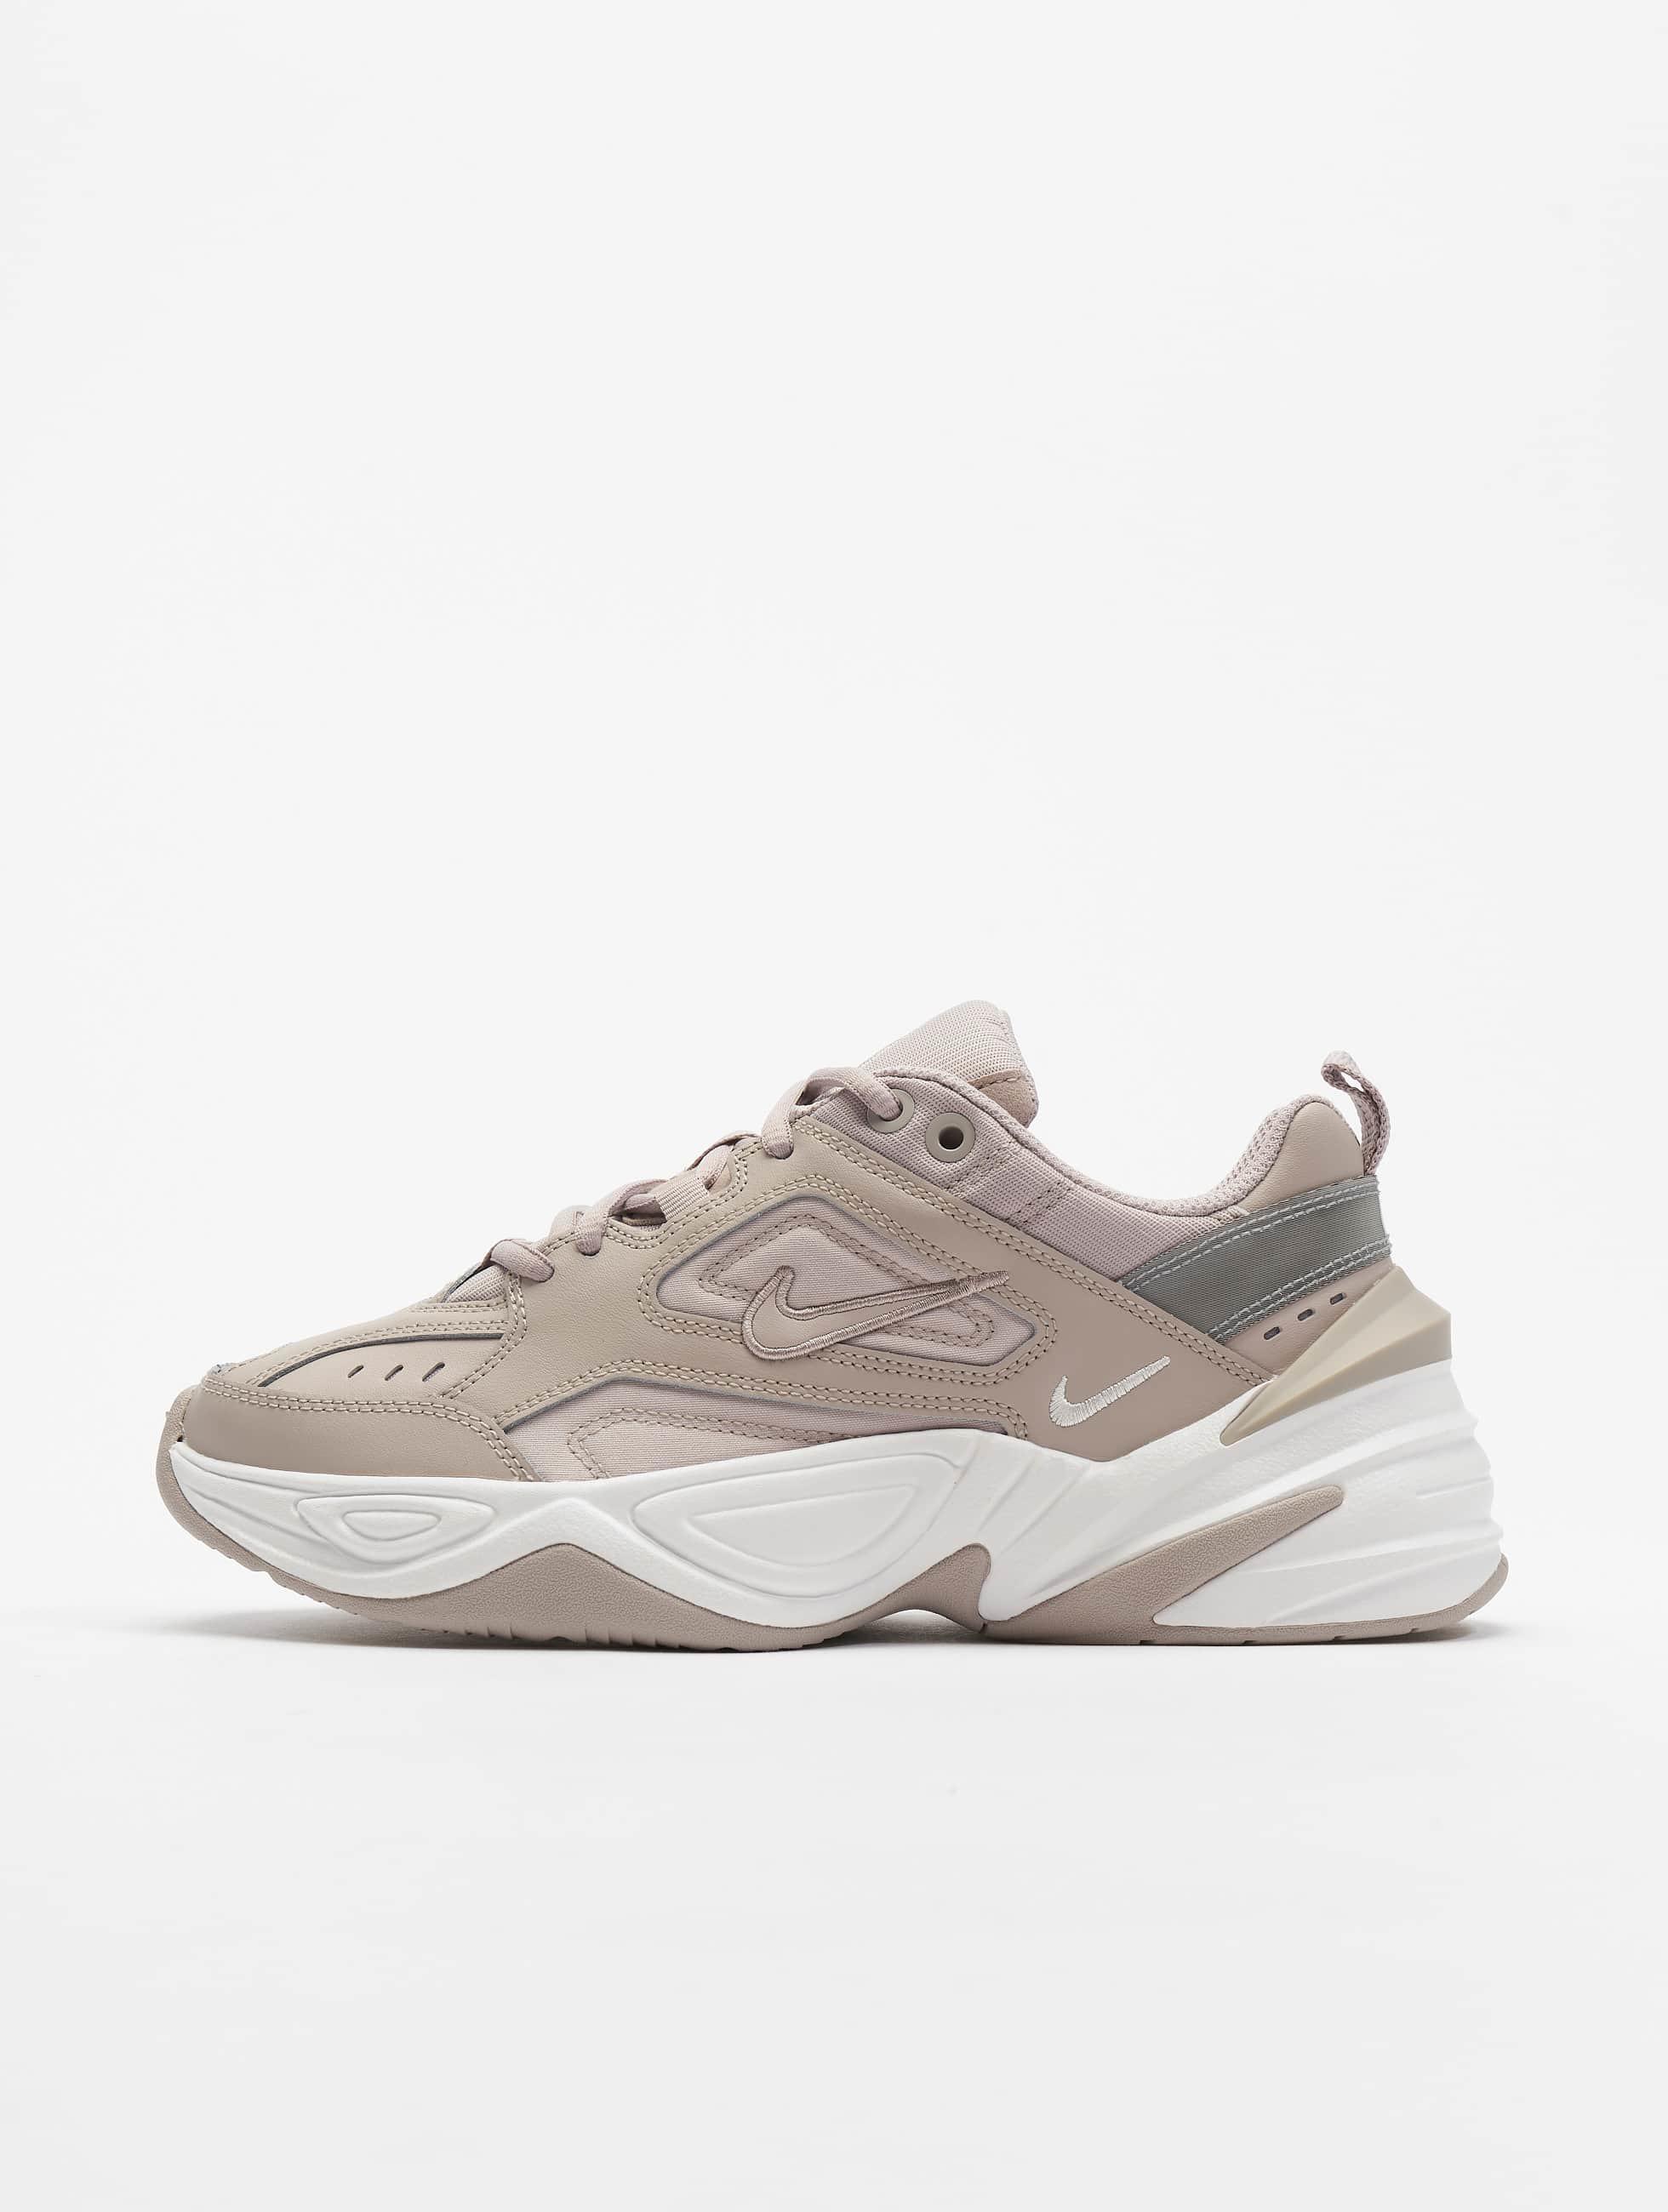 68afb35654f Nike schoen / sneaker M2K Tekno in beige 662278